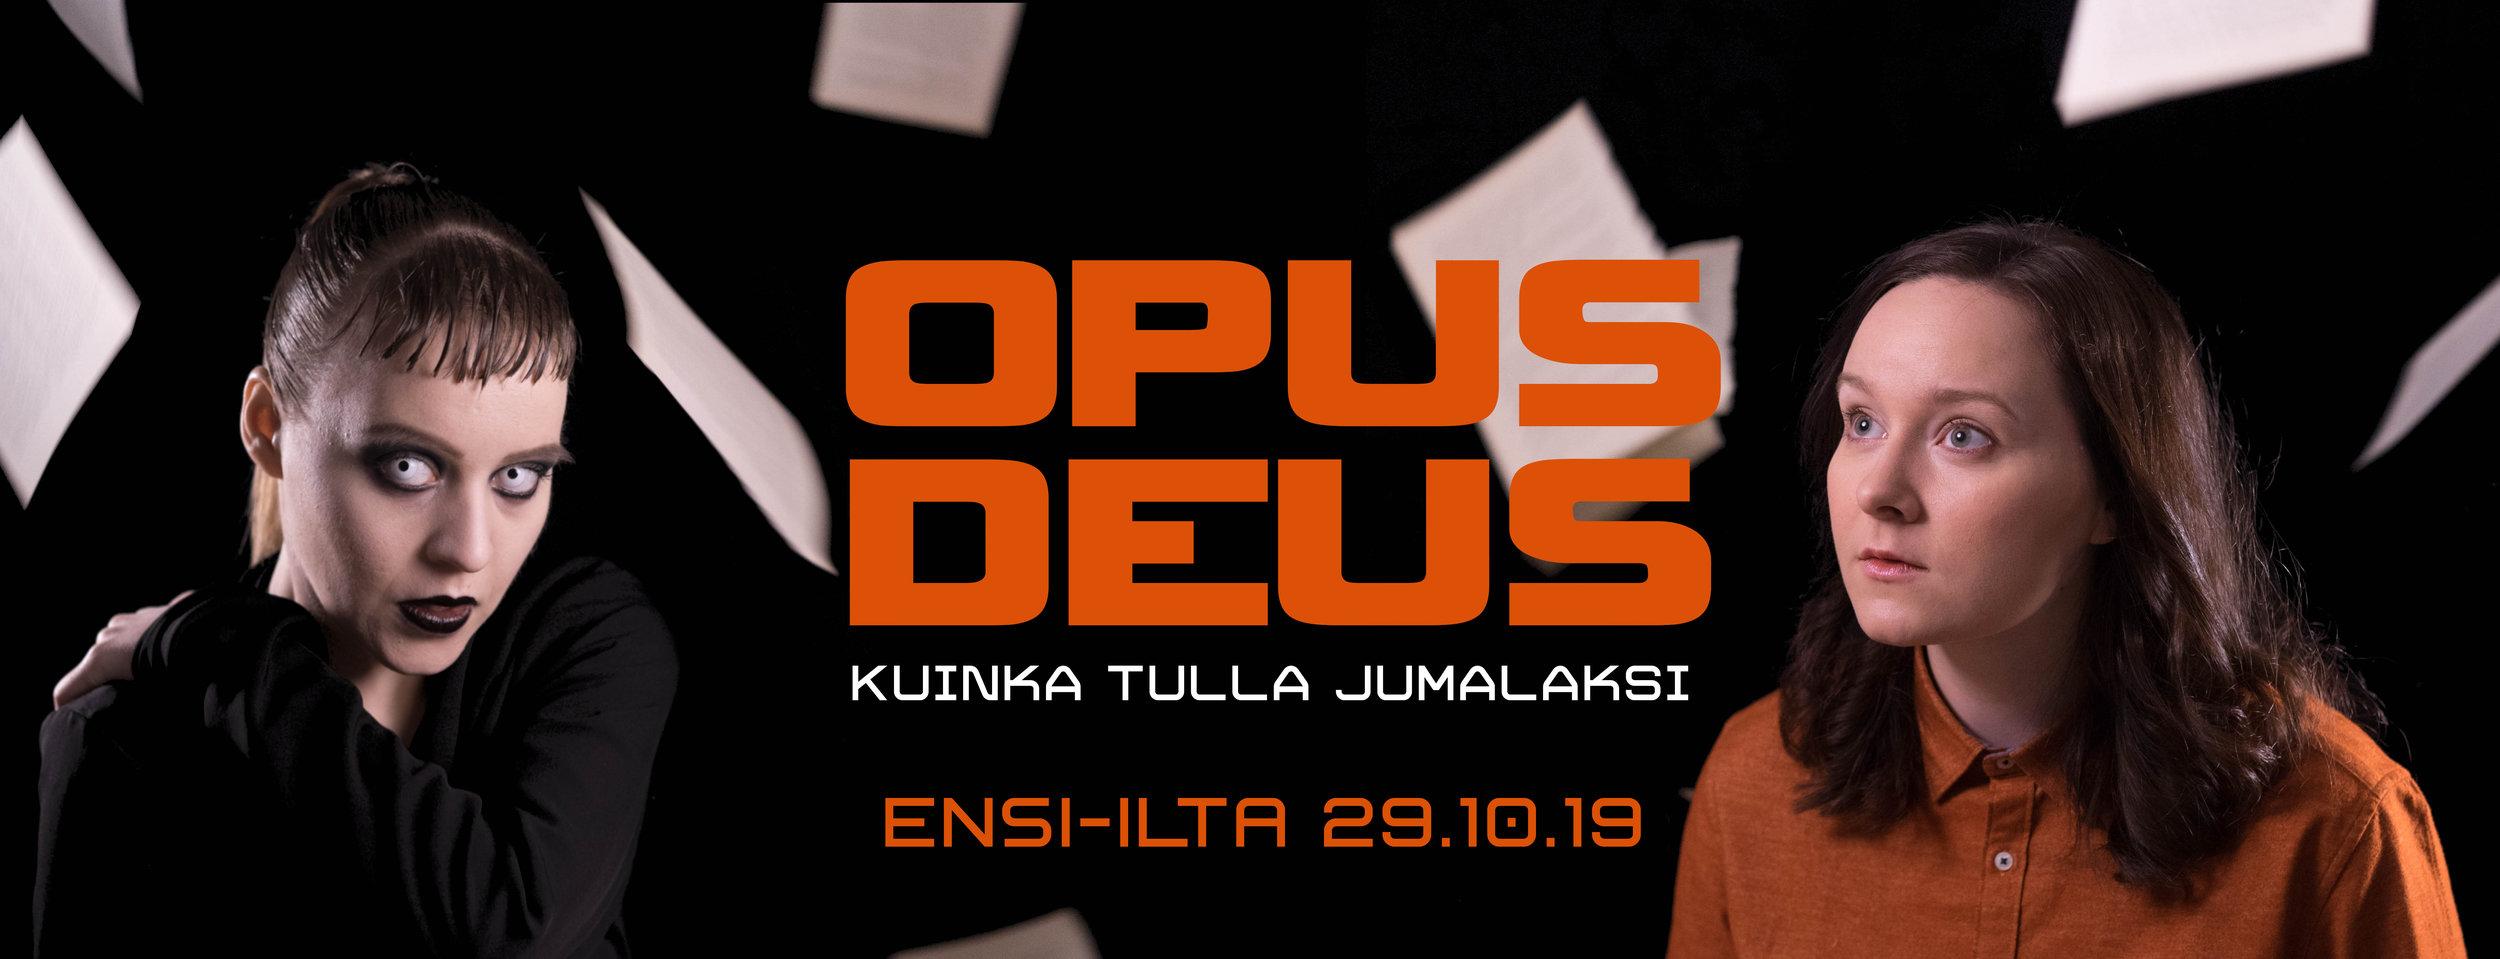 Opus Deus -musikaalin promokuva